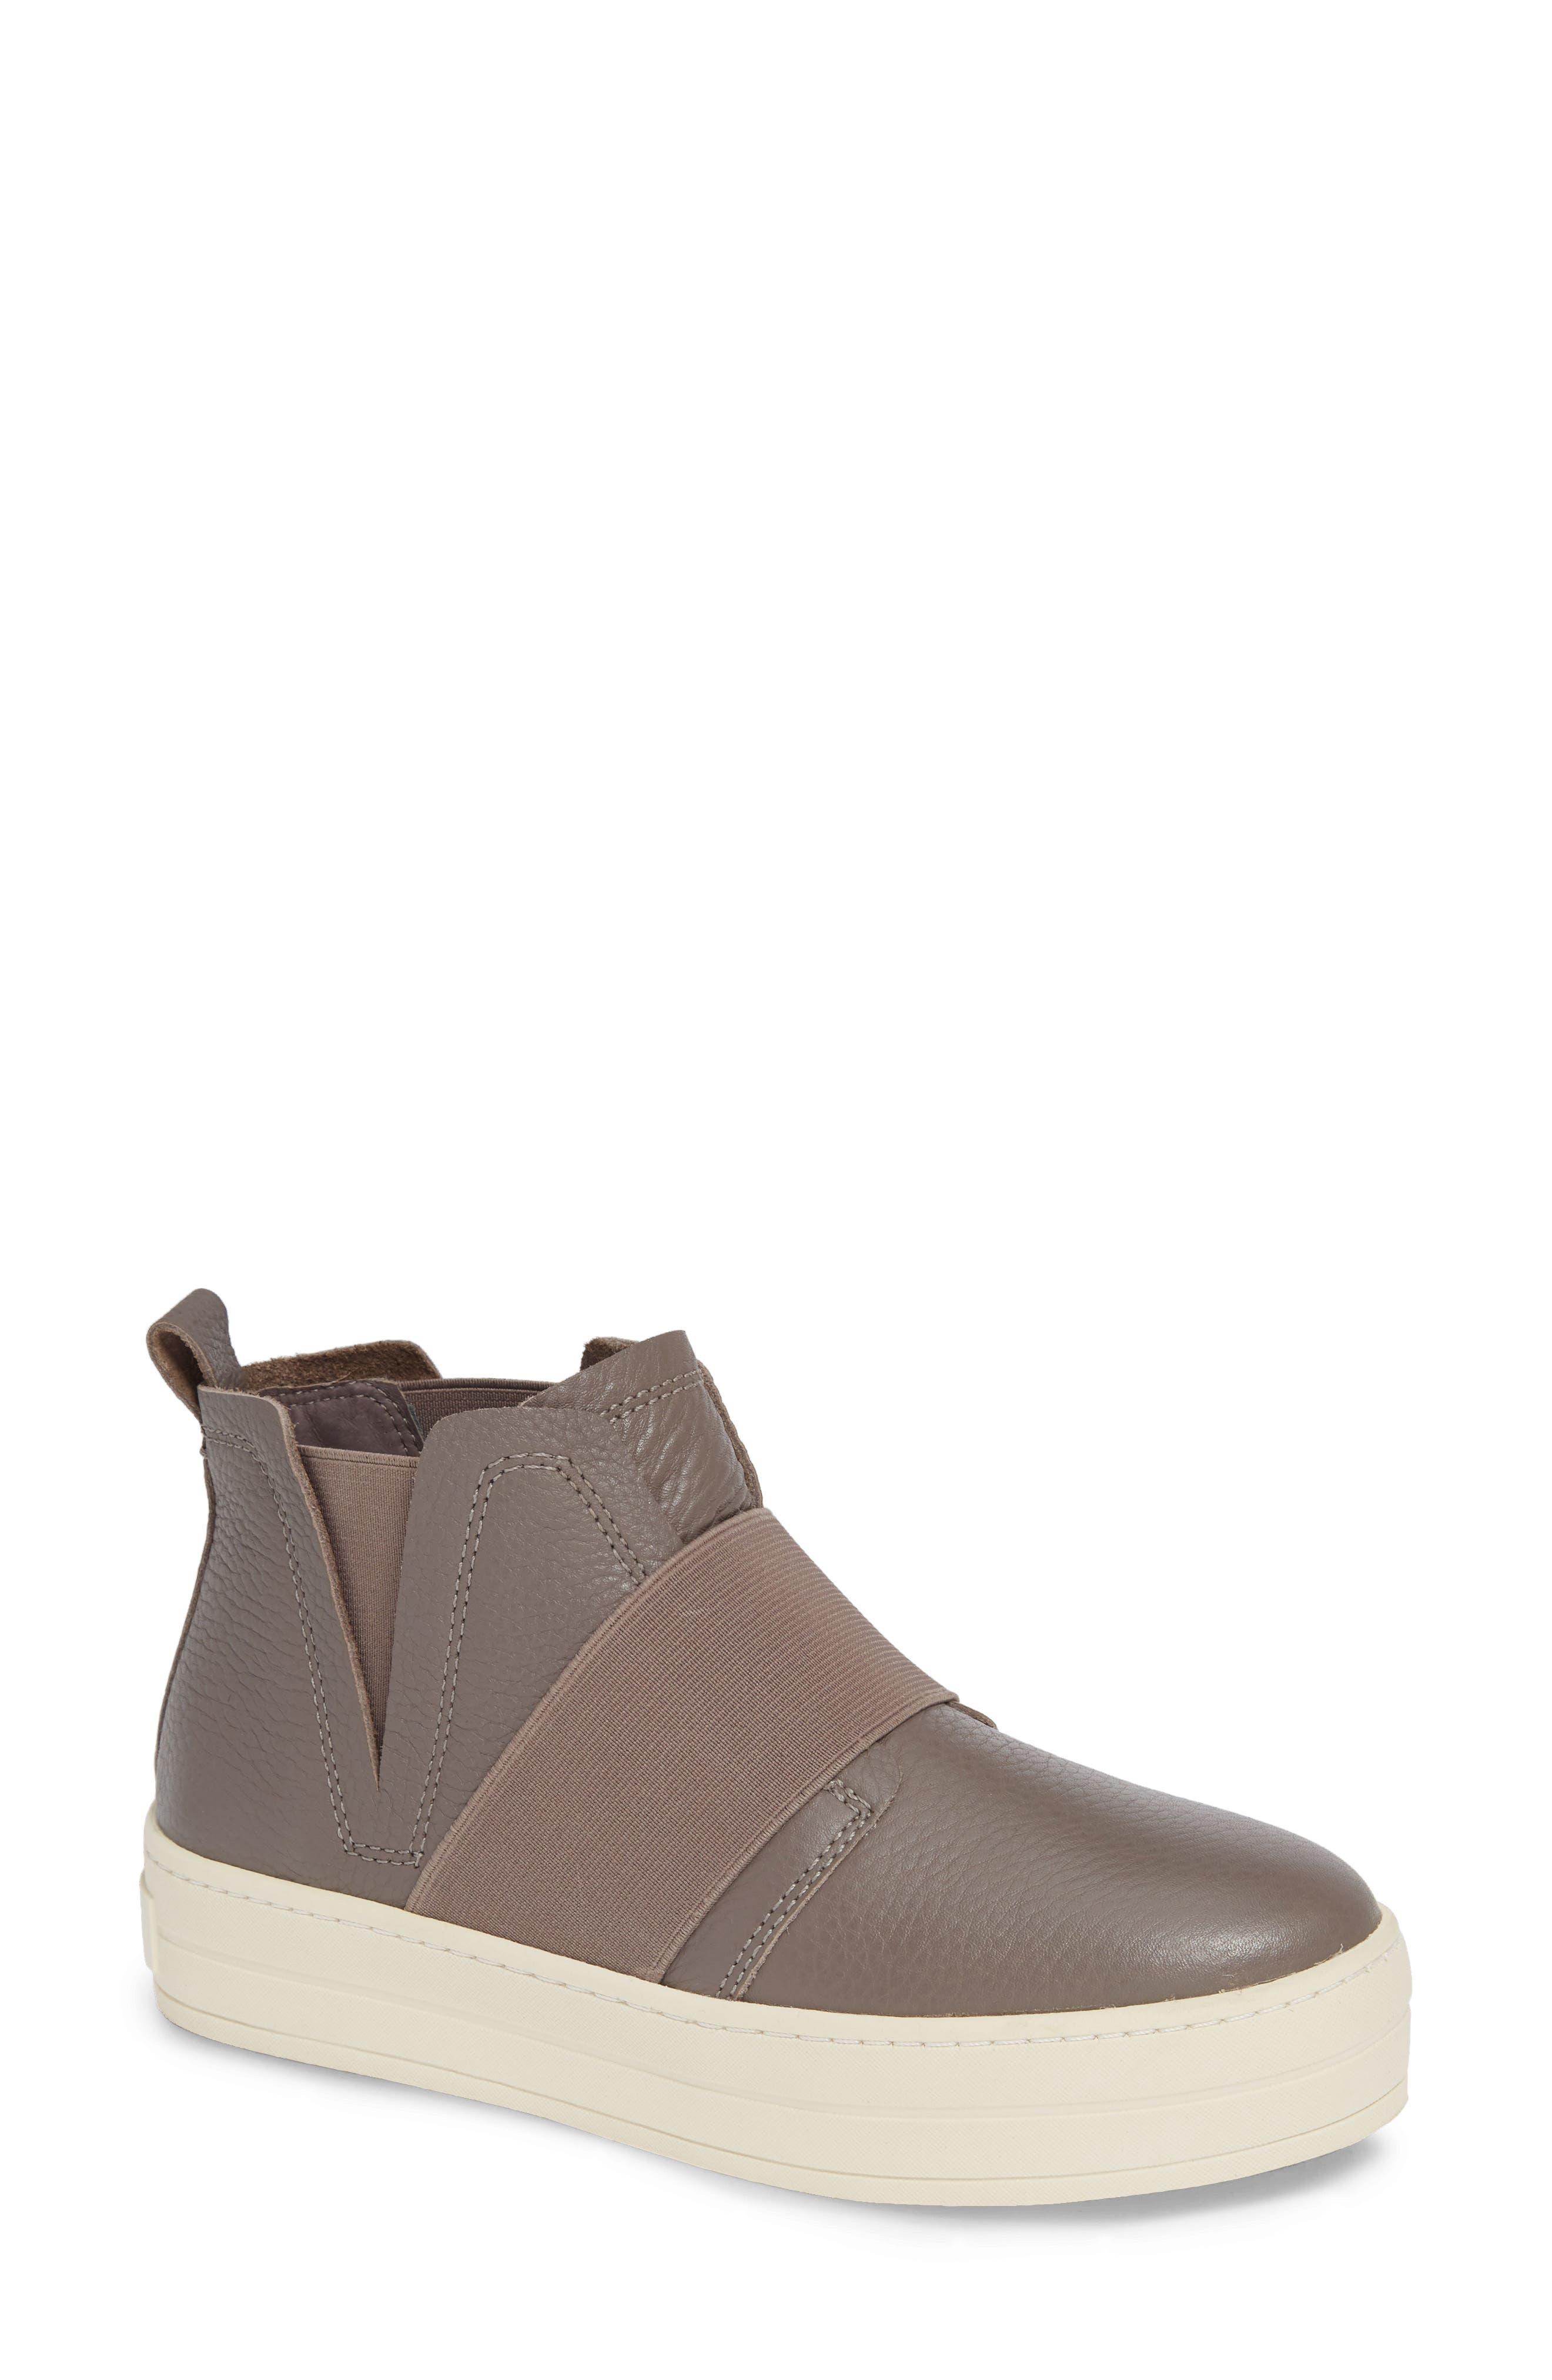 Jslides Holland High Top Platform Sneaker, Beige